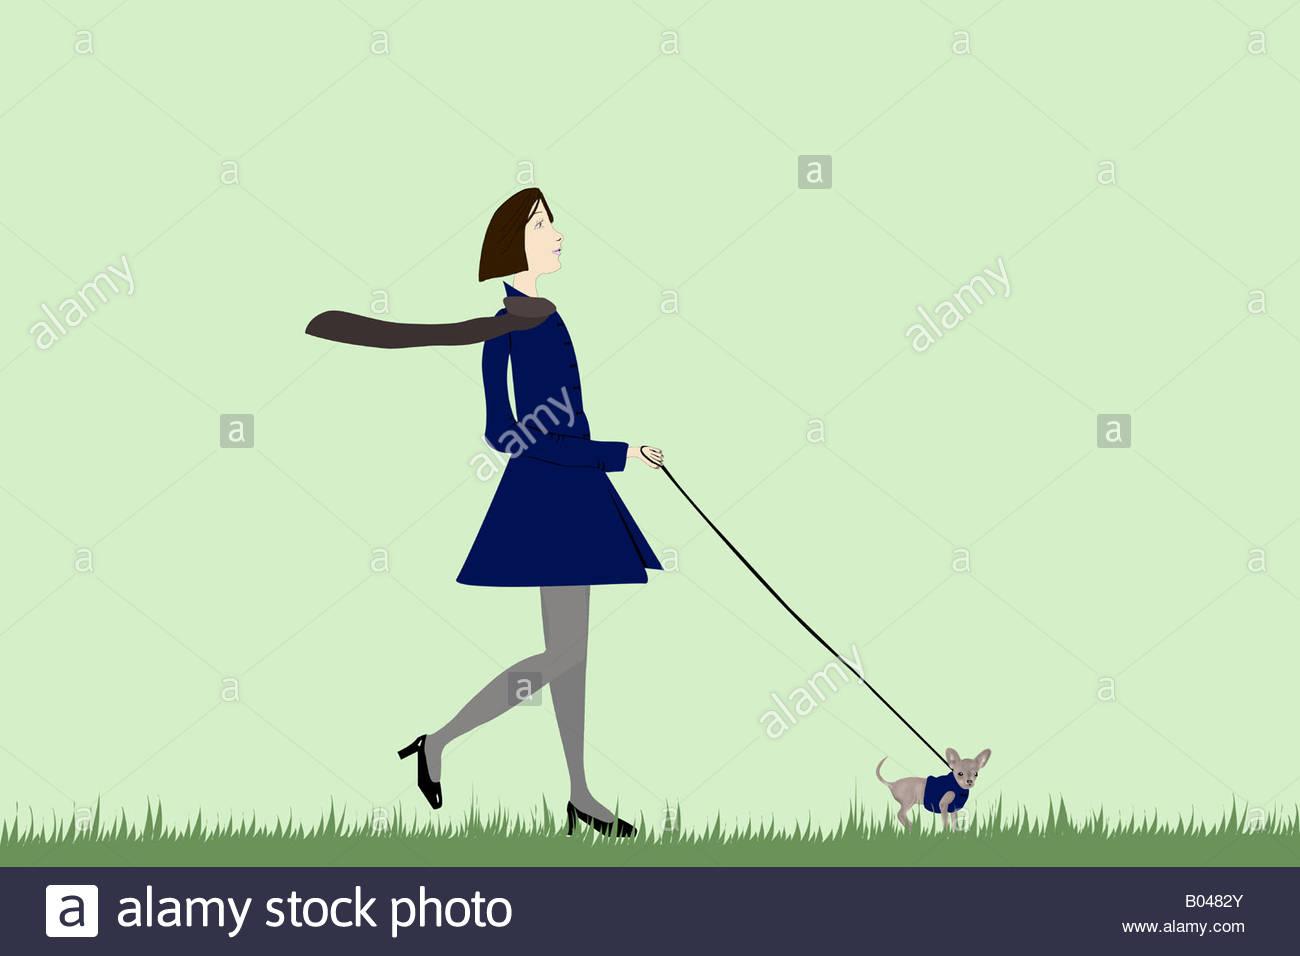 Abbildung einer Frau, die einen Hund spazieren gehen Stockbild